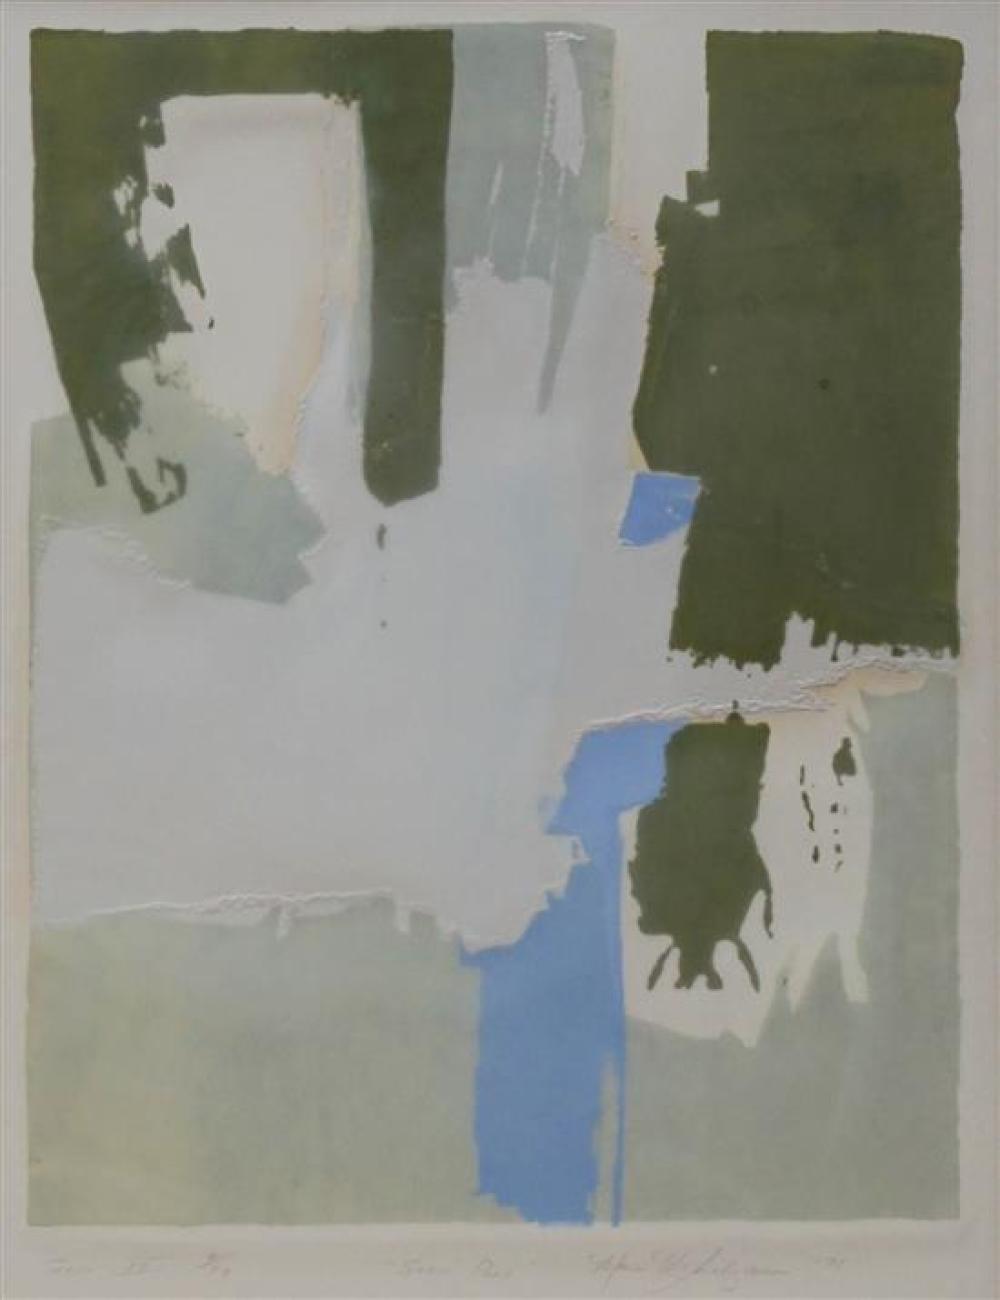 Marian Van Landingham (American b. 1937), Snow Peas, Mixed Media Print, Frame: 31 x 24-1/2 in